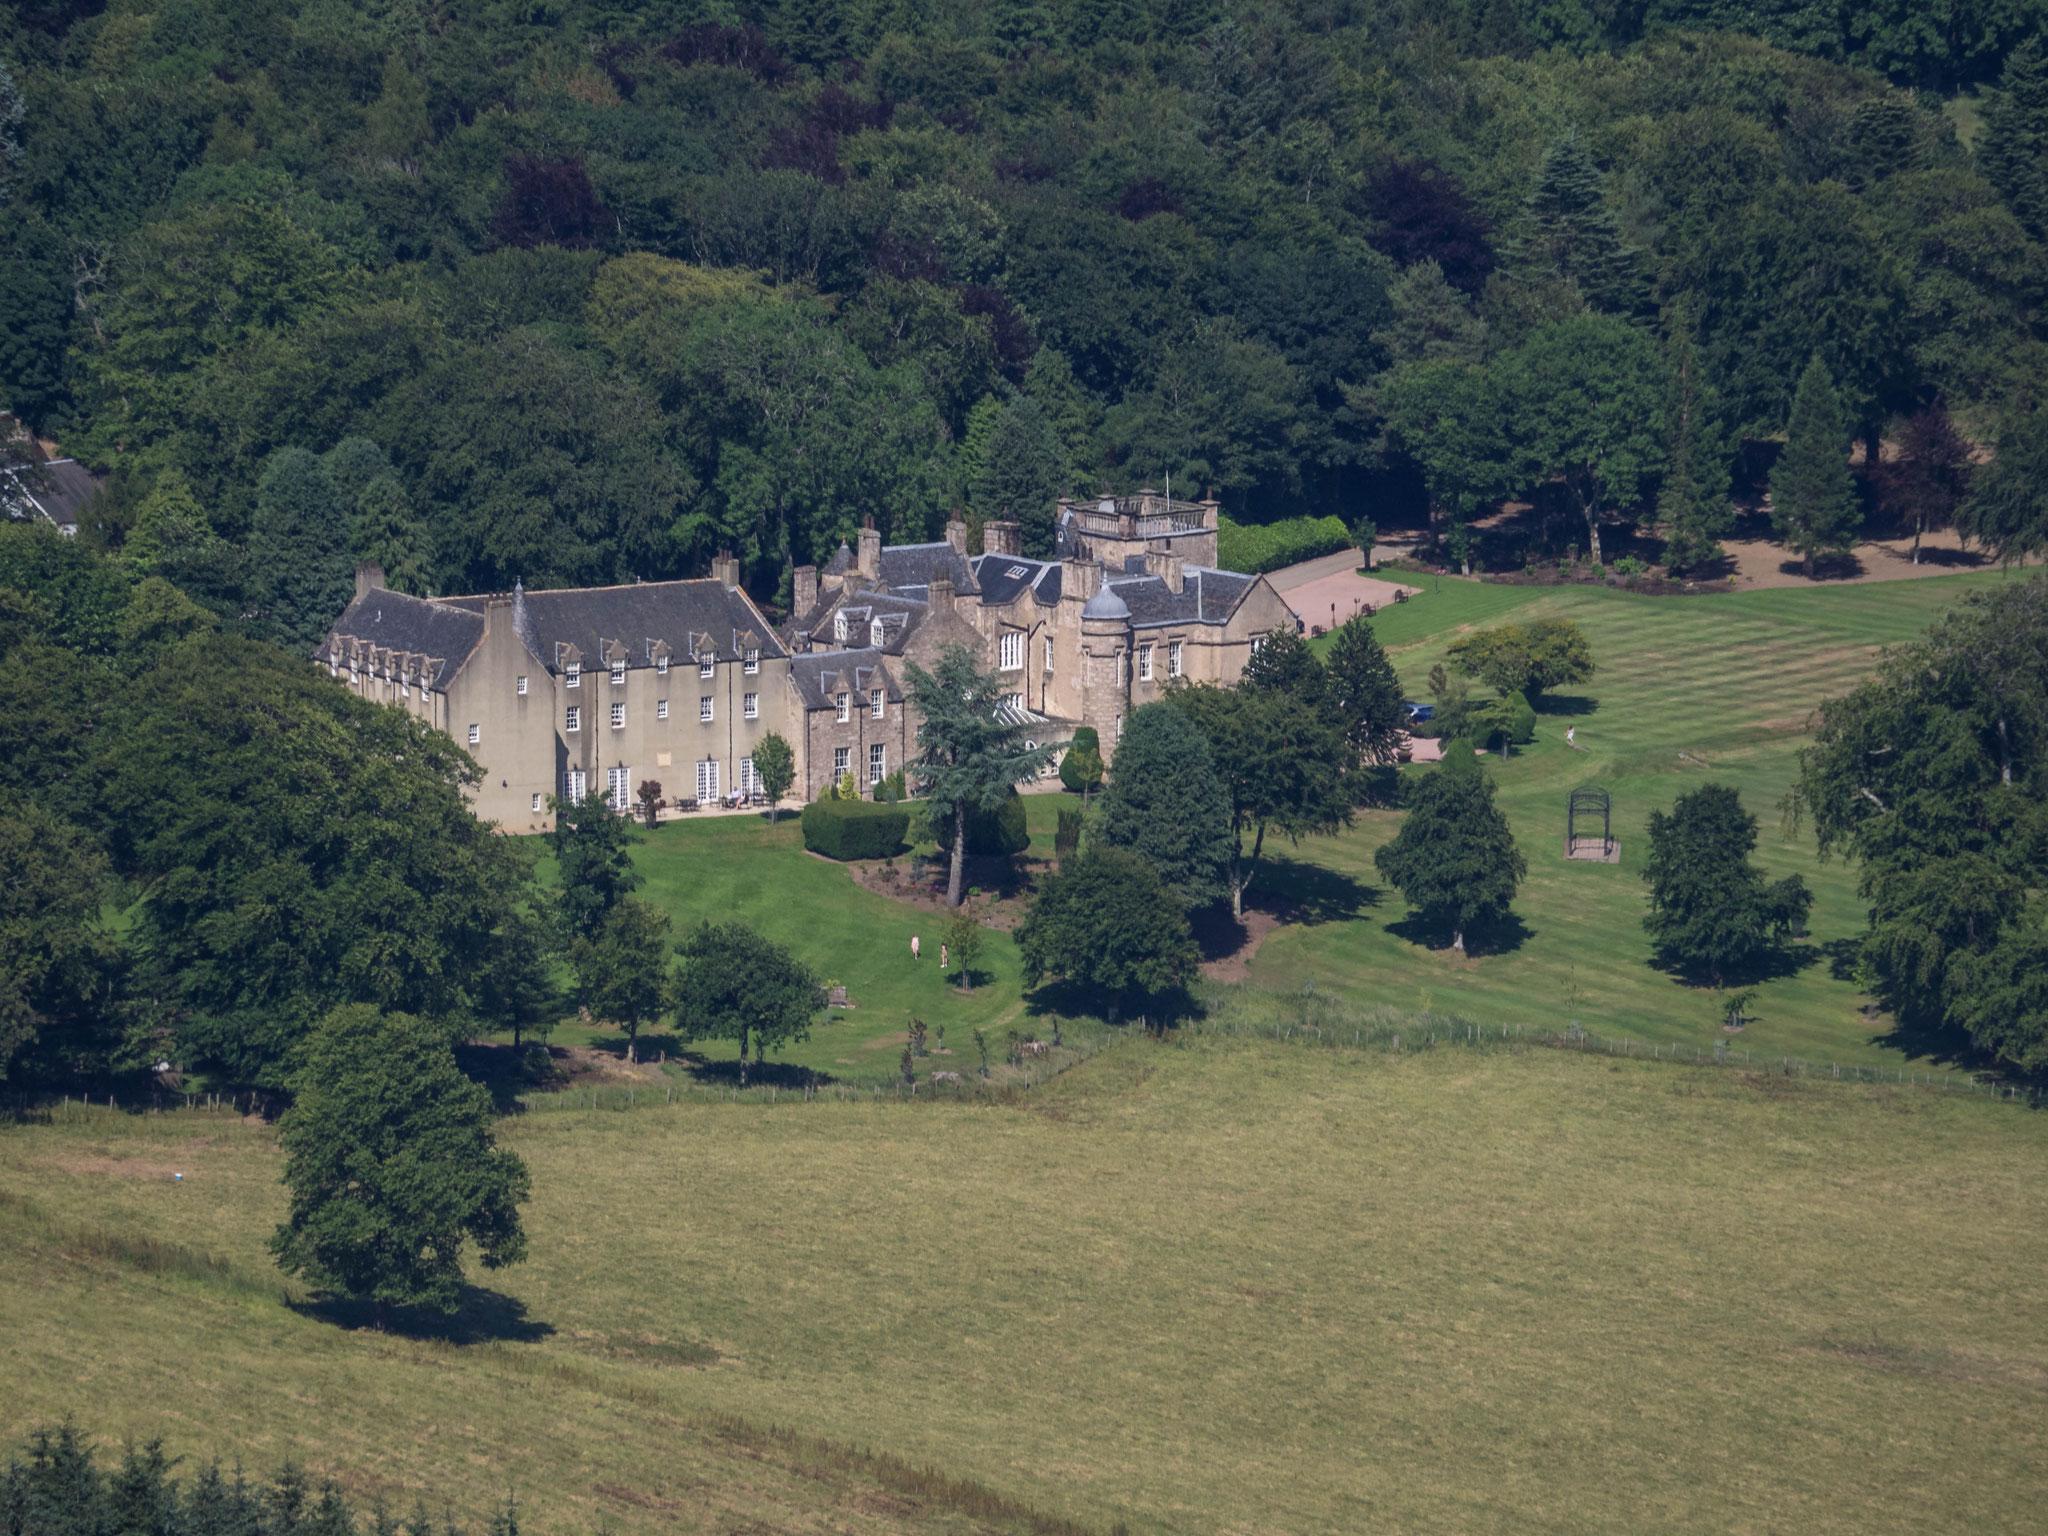 Bild: Blick auf Pittodrie House